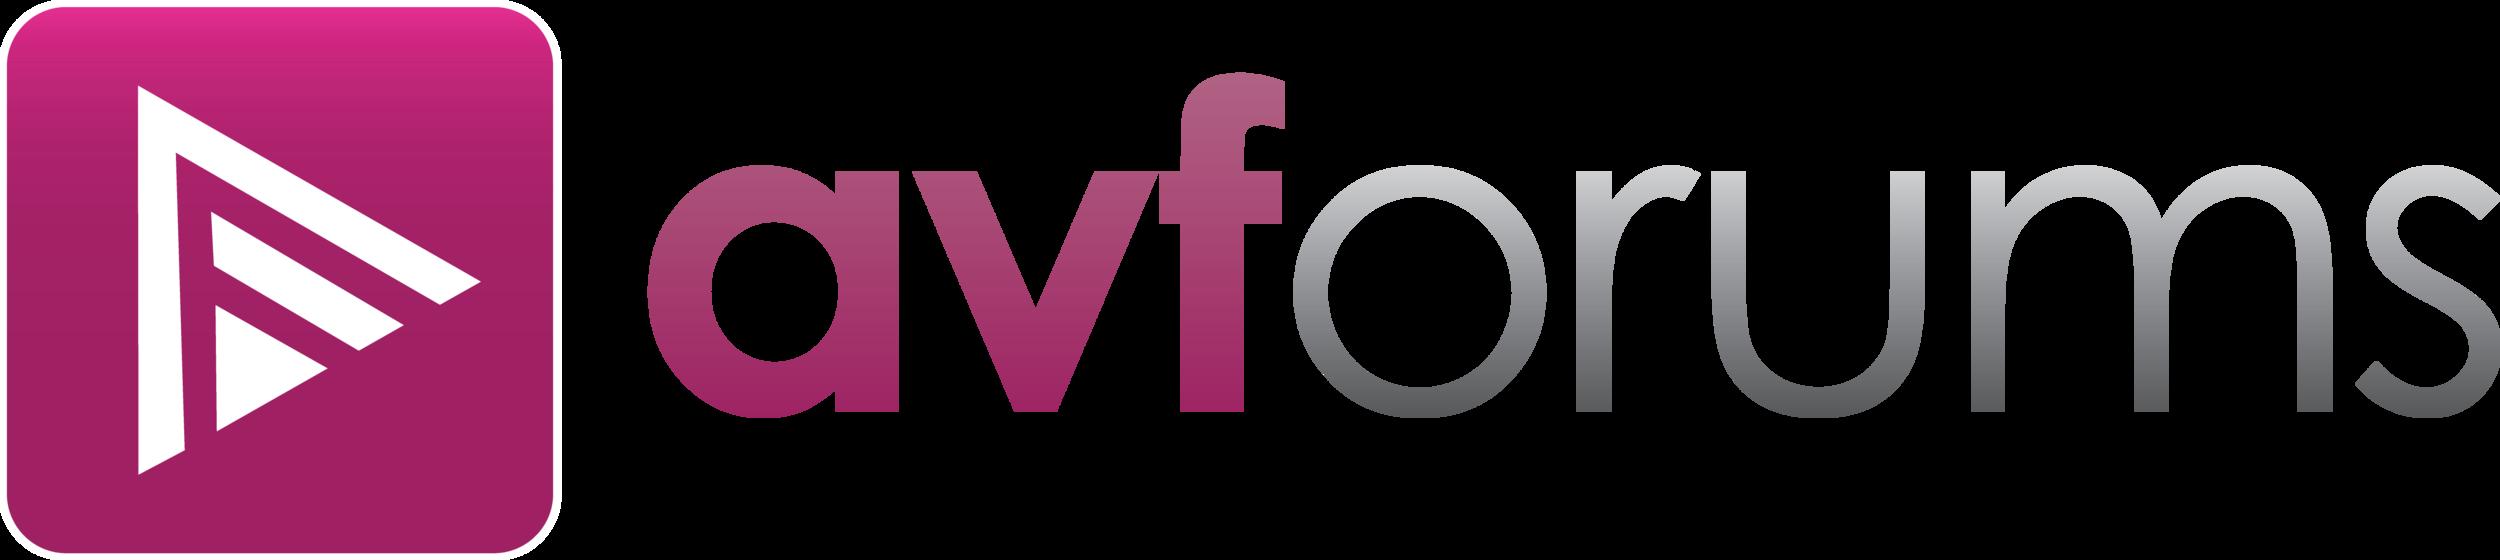 AVForums_logo_large.png